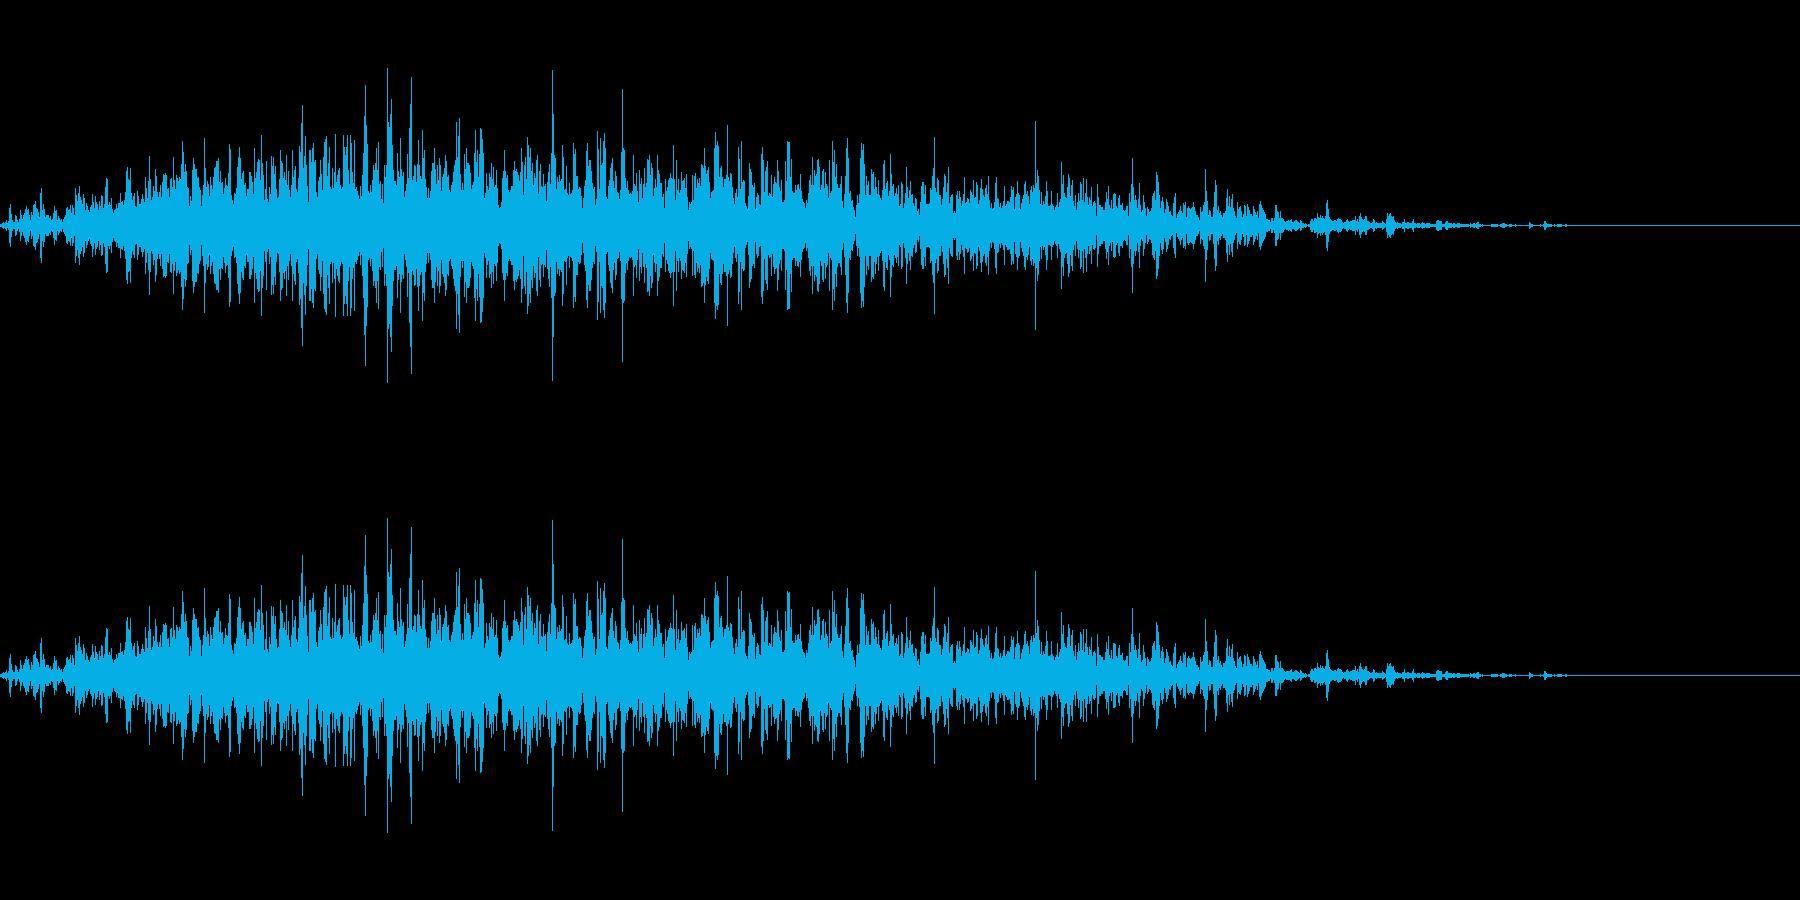 神楽鈴(小)を長くクレッシェンドさせた音の再生済みの波形